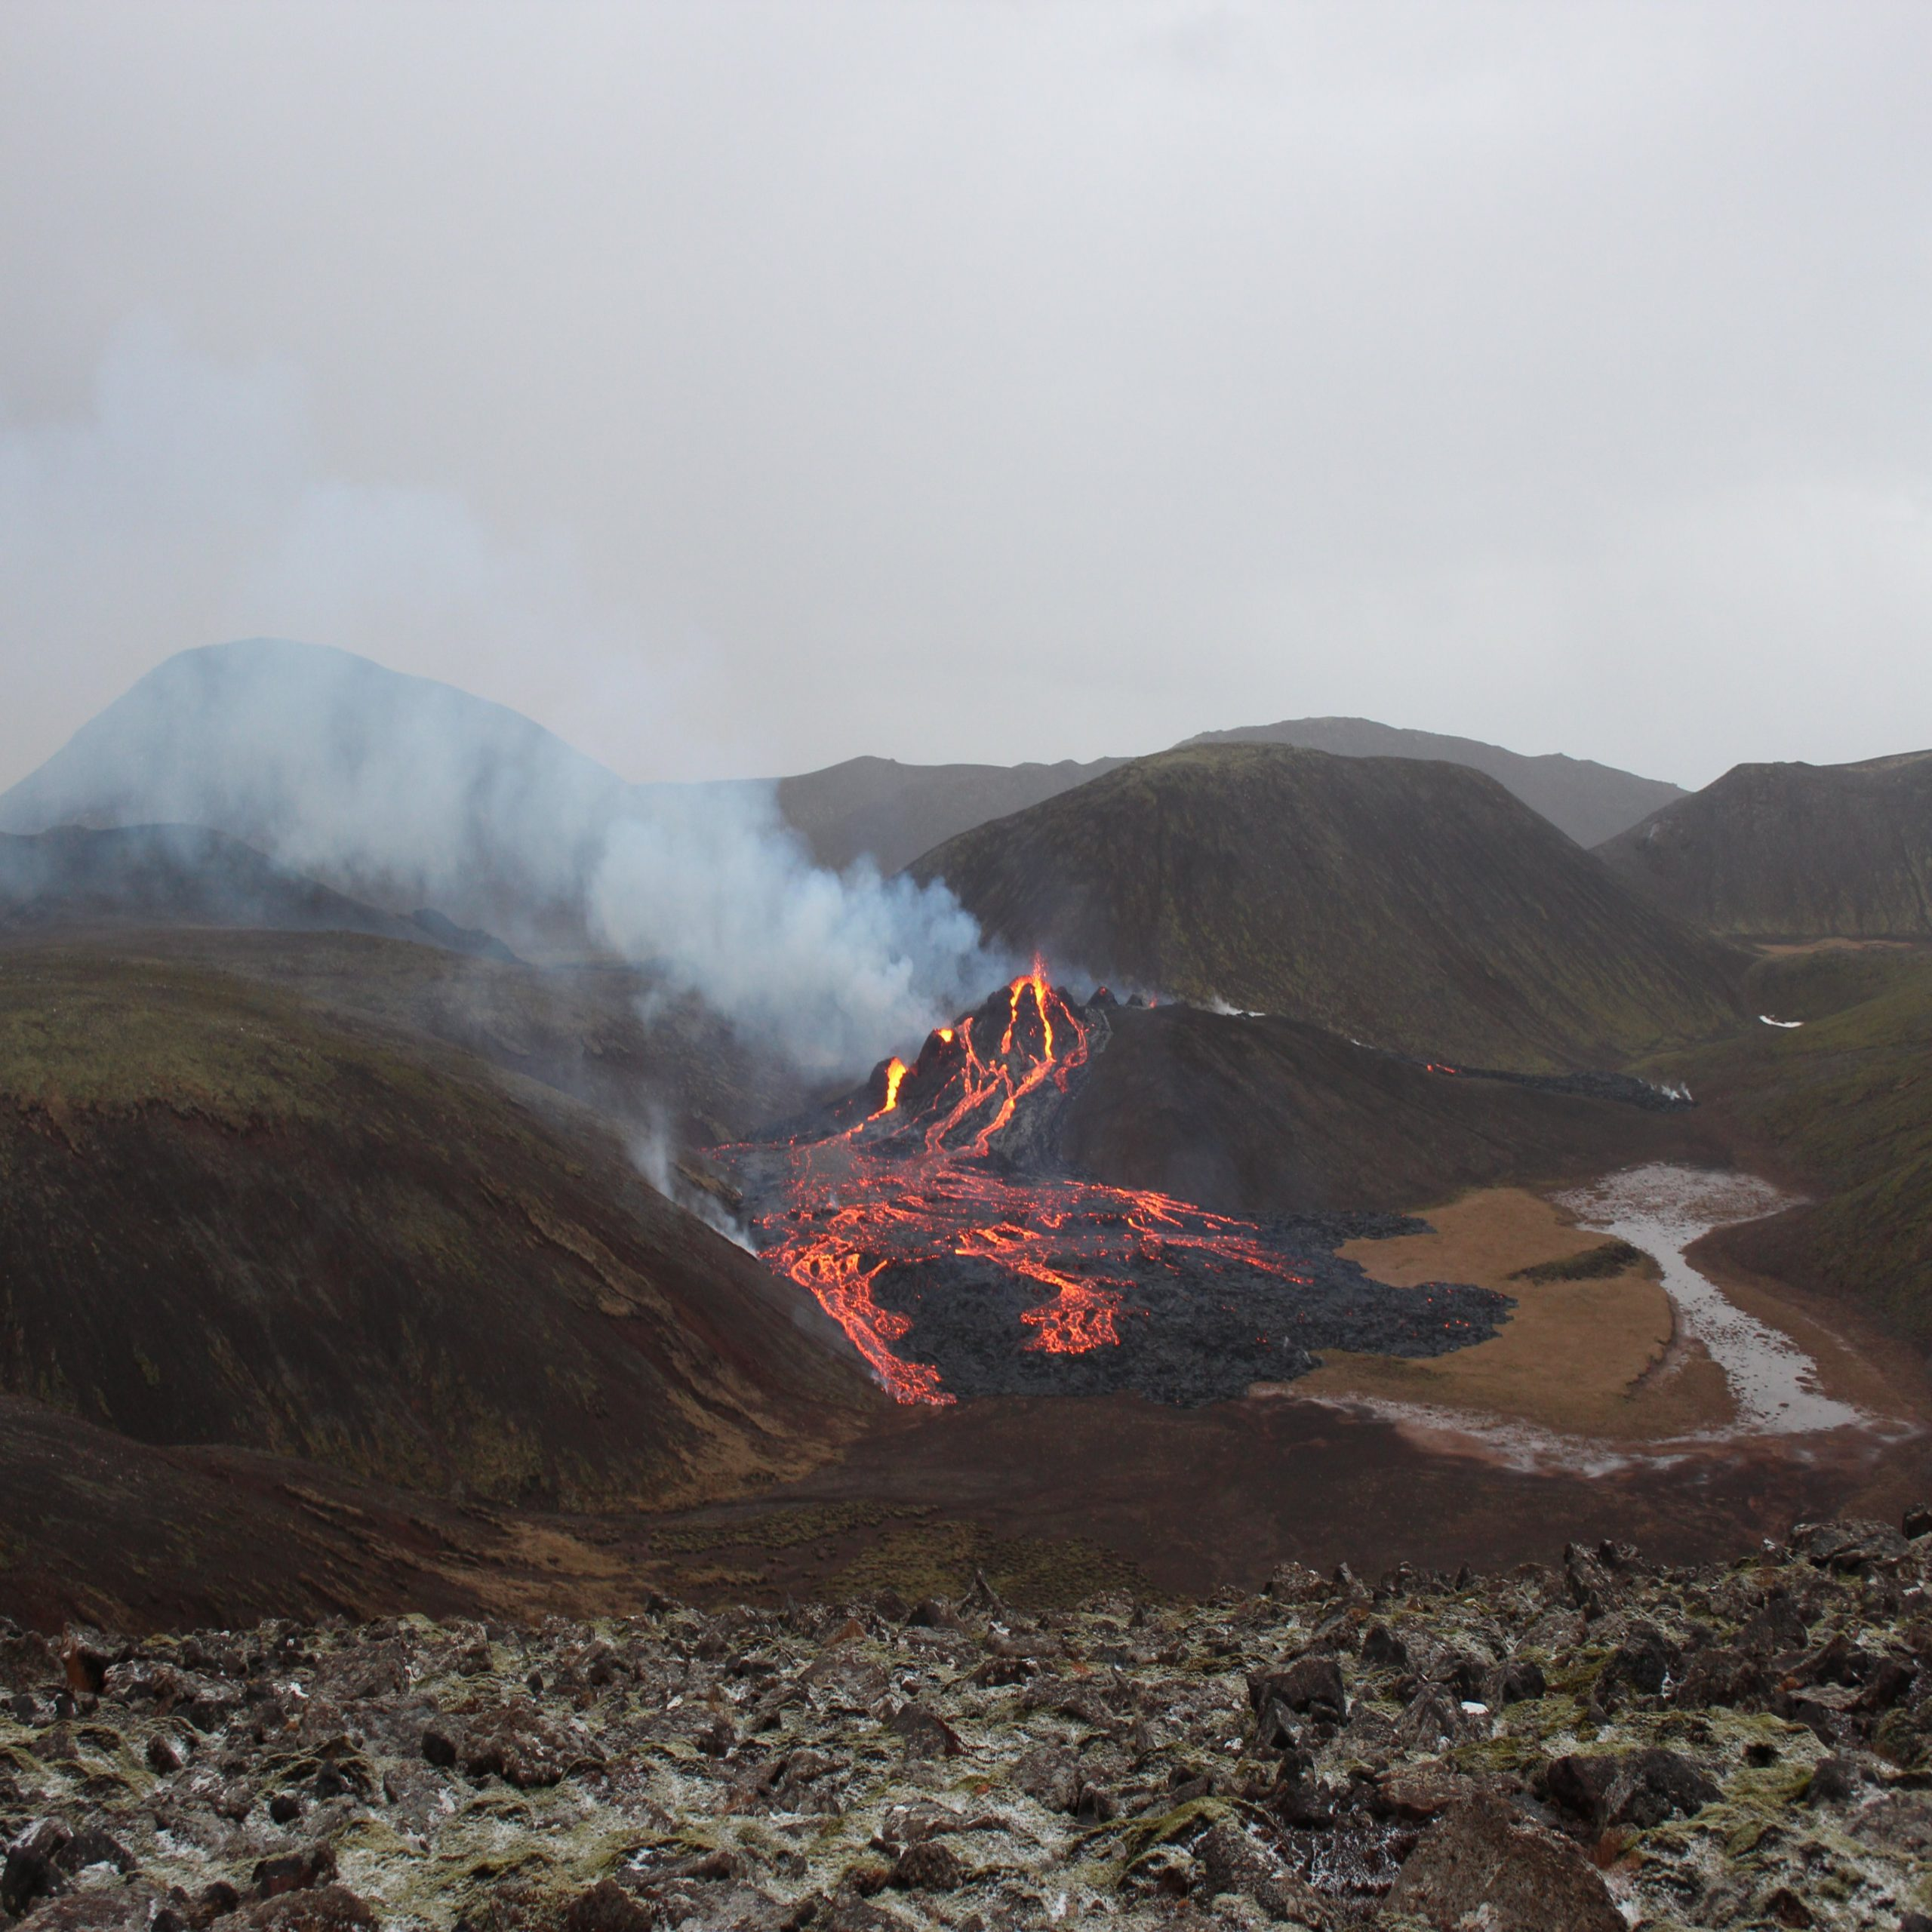 بعد أكثر من 800 عام من الخمود.. ثوران بركان في جنوب غرب آيسلندا